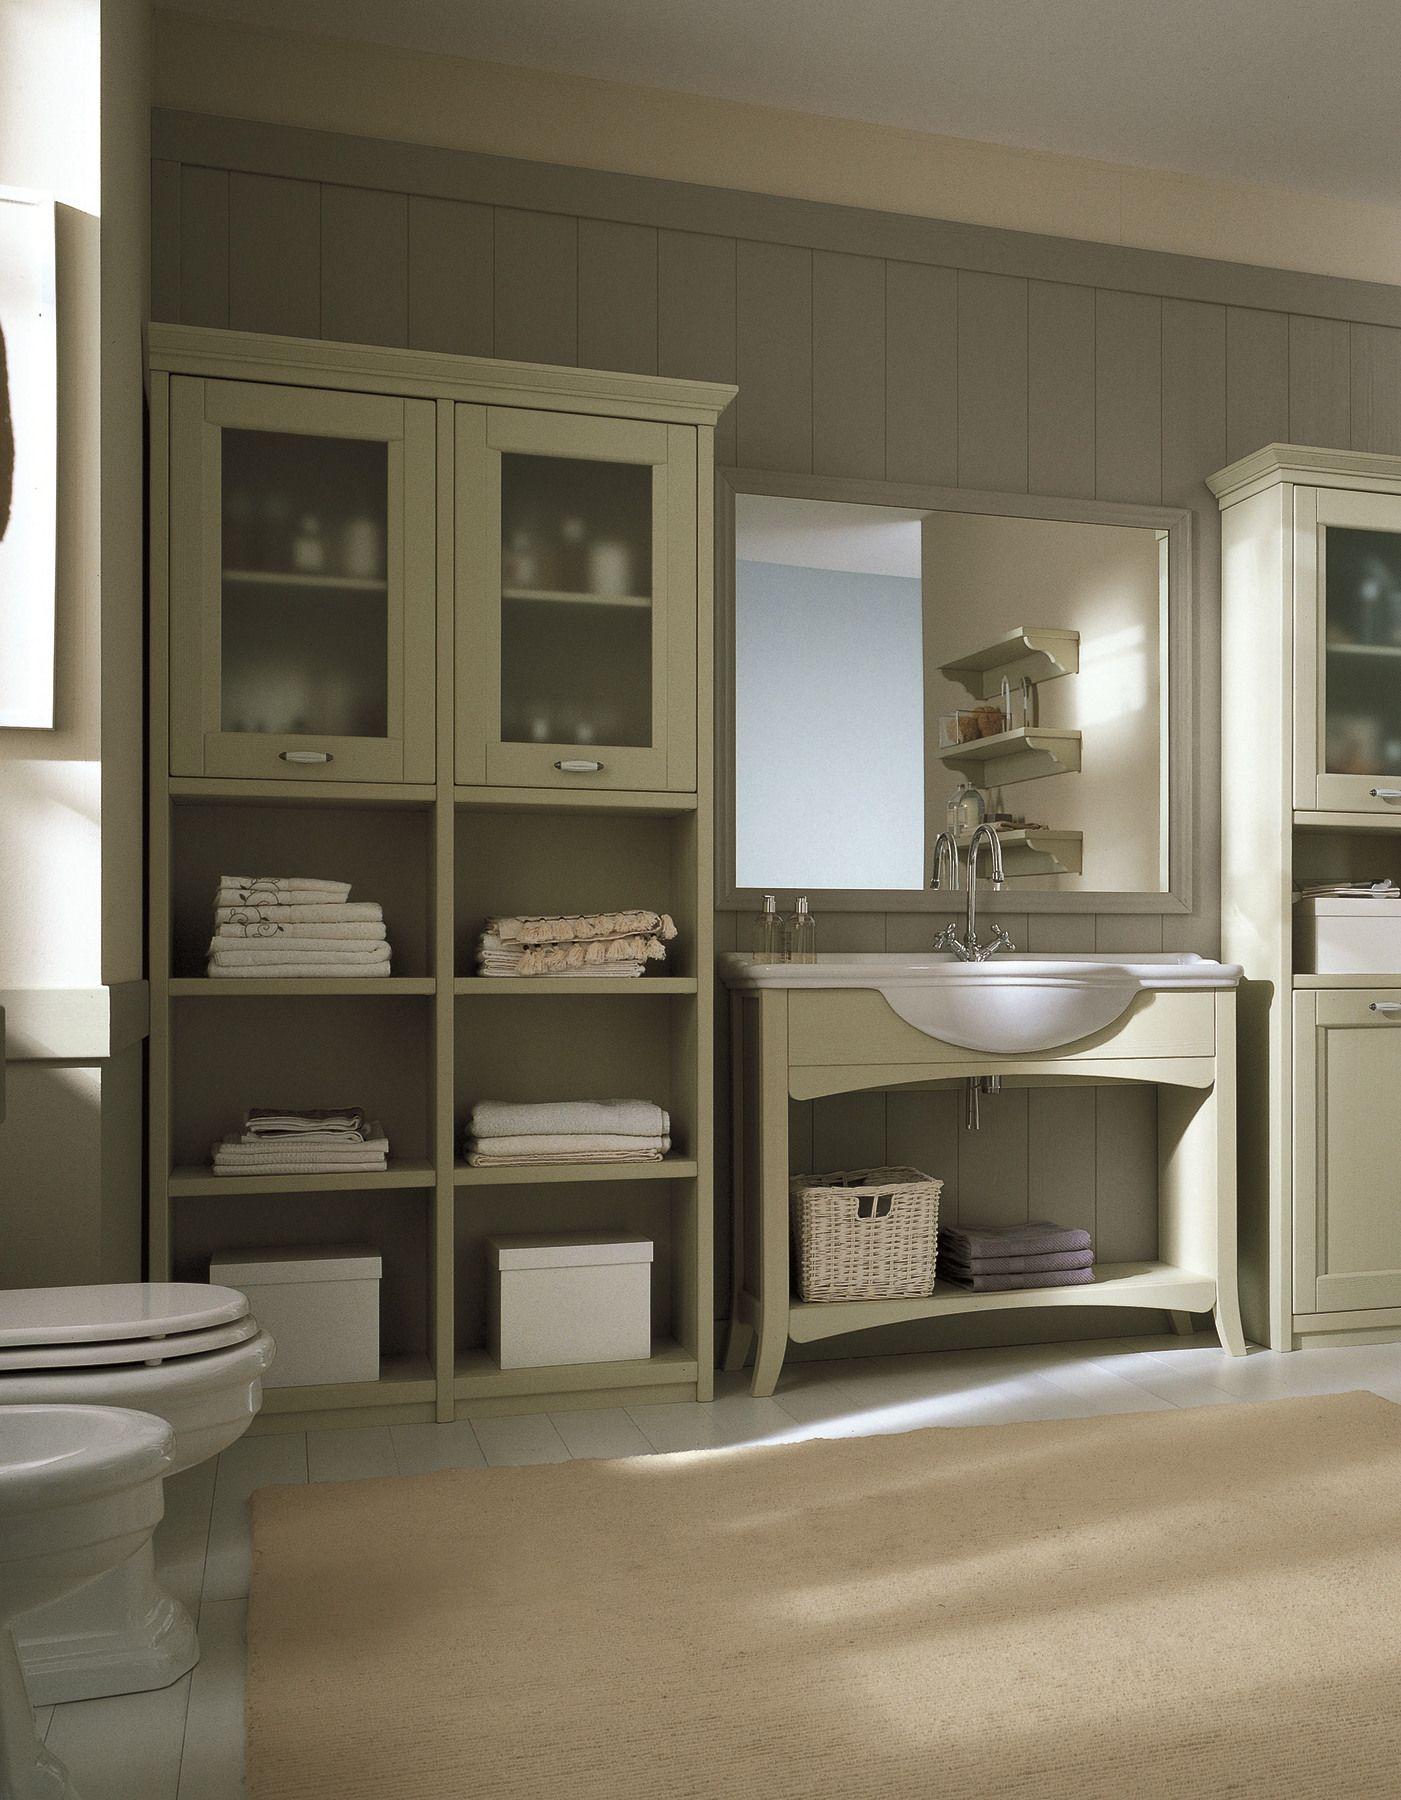 Arredo bagno completo in legno massello nuovo mondo n18 by scandola mobili - Arredo bagno in legno ...